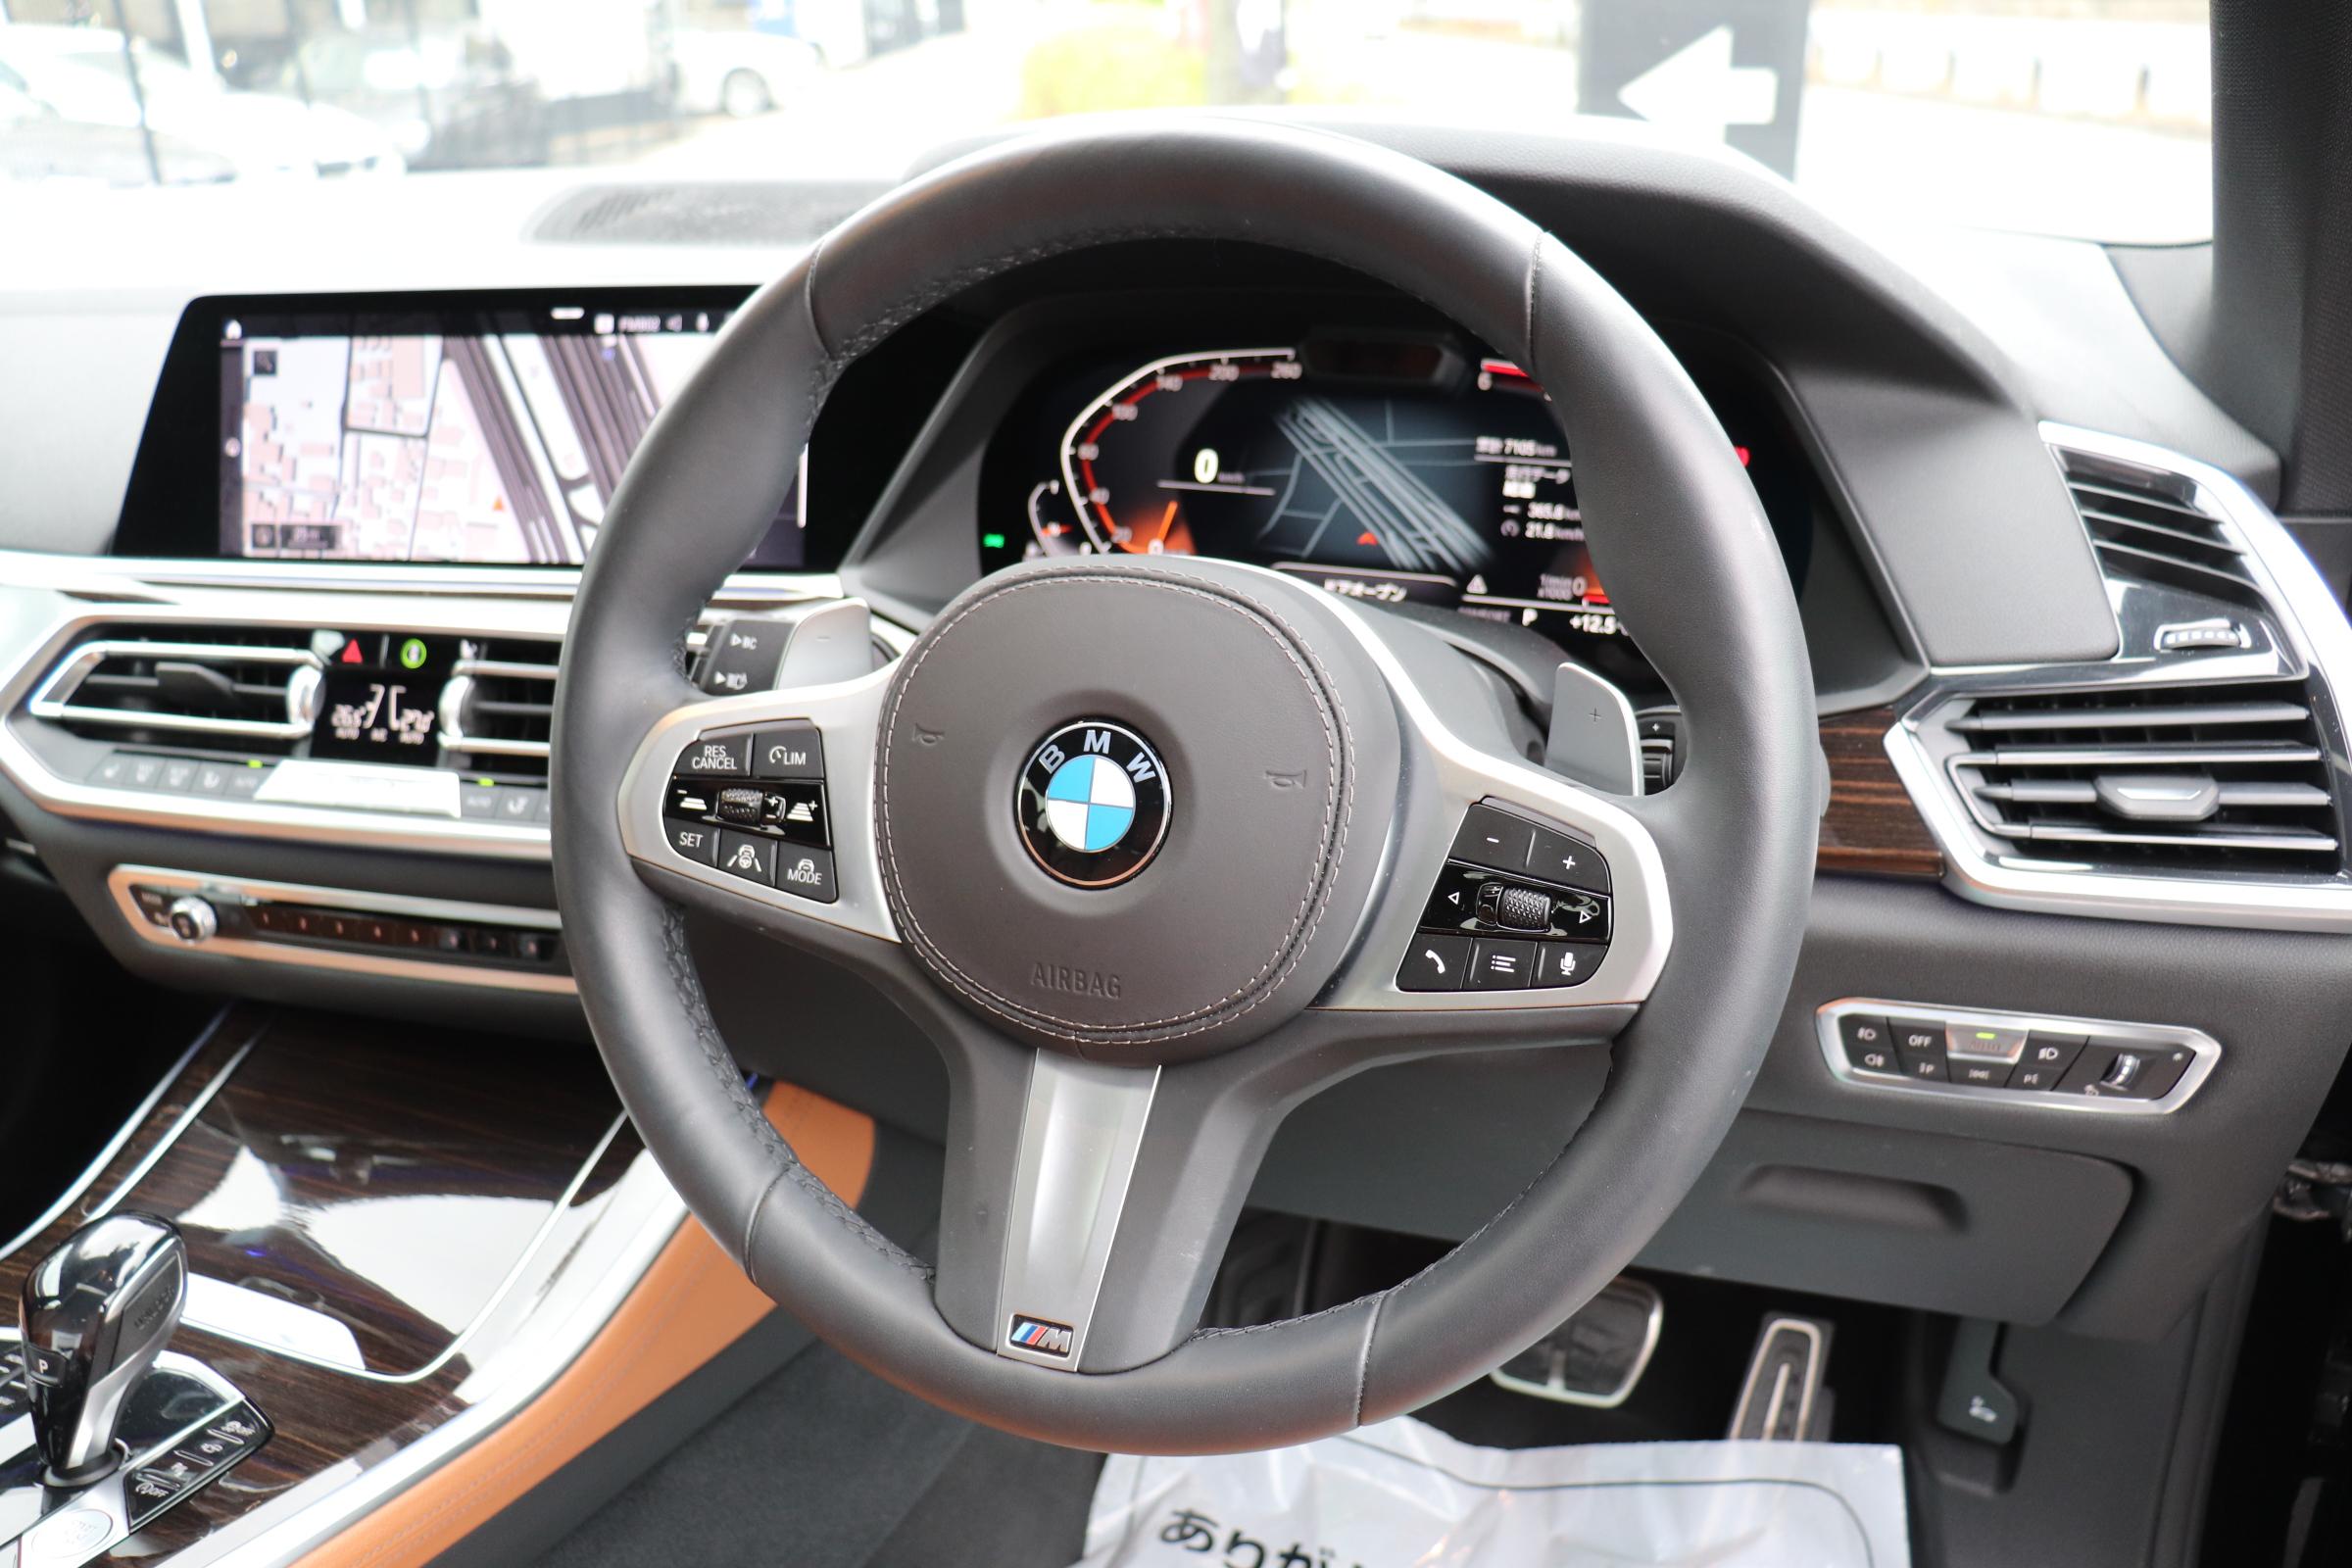 X5 xDrive 35d Mスポーツ ドライビングダイナミクスパッケージ エアサス サンルーフ 21インチAW車両画像11